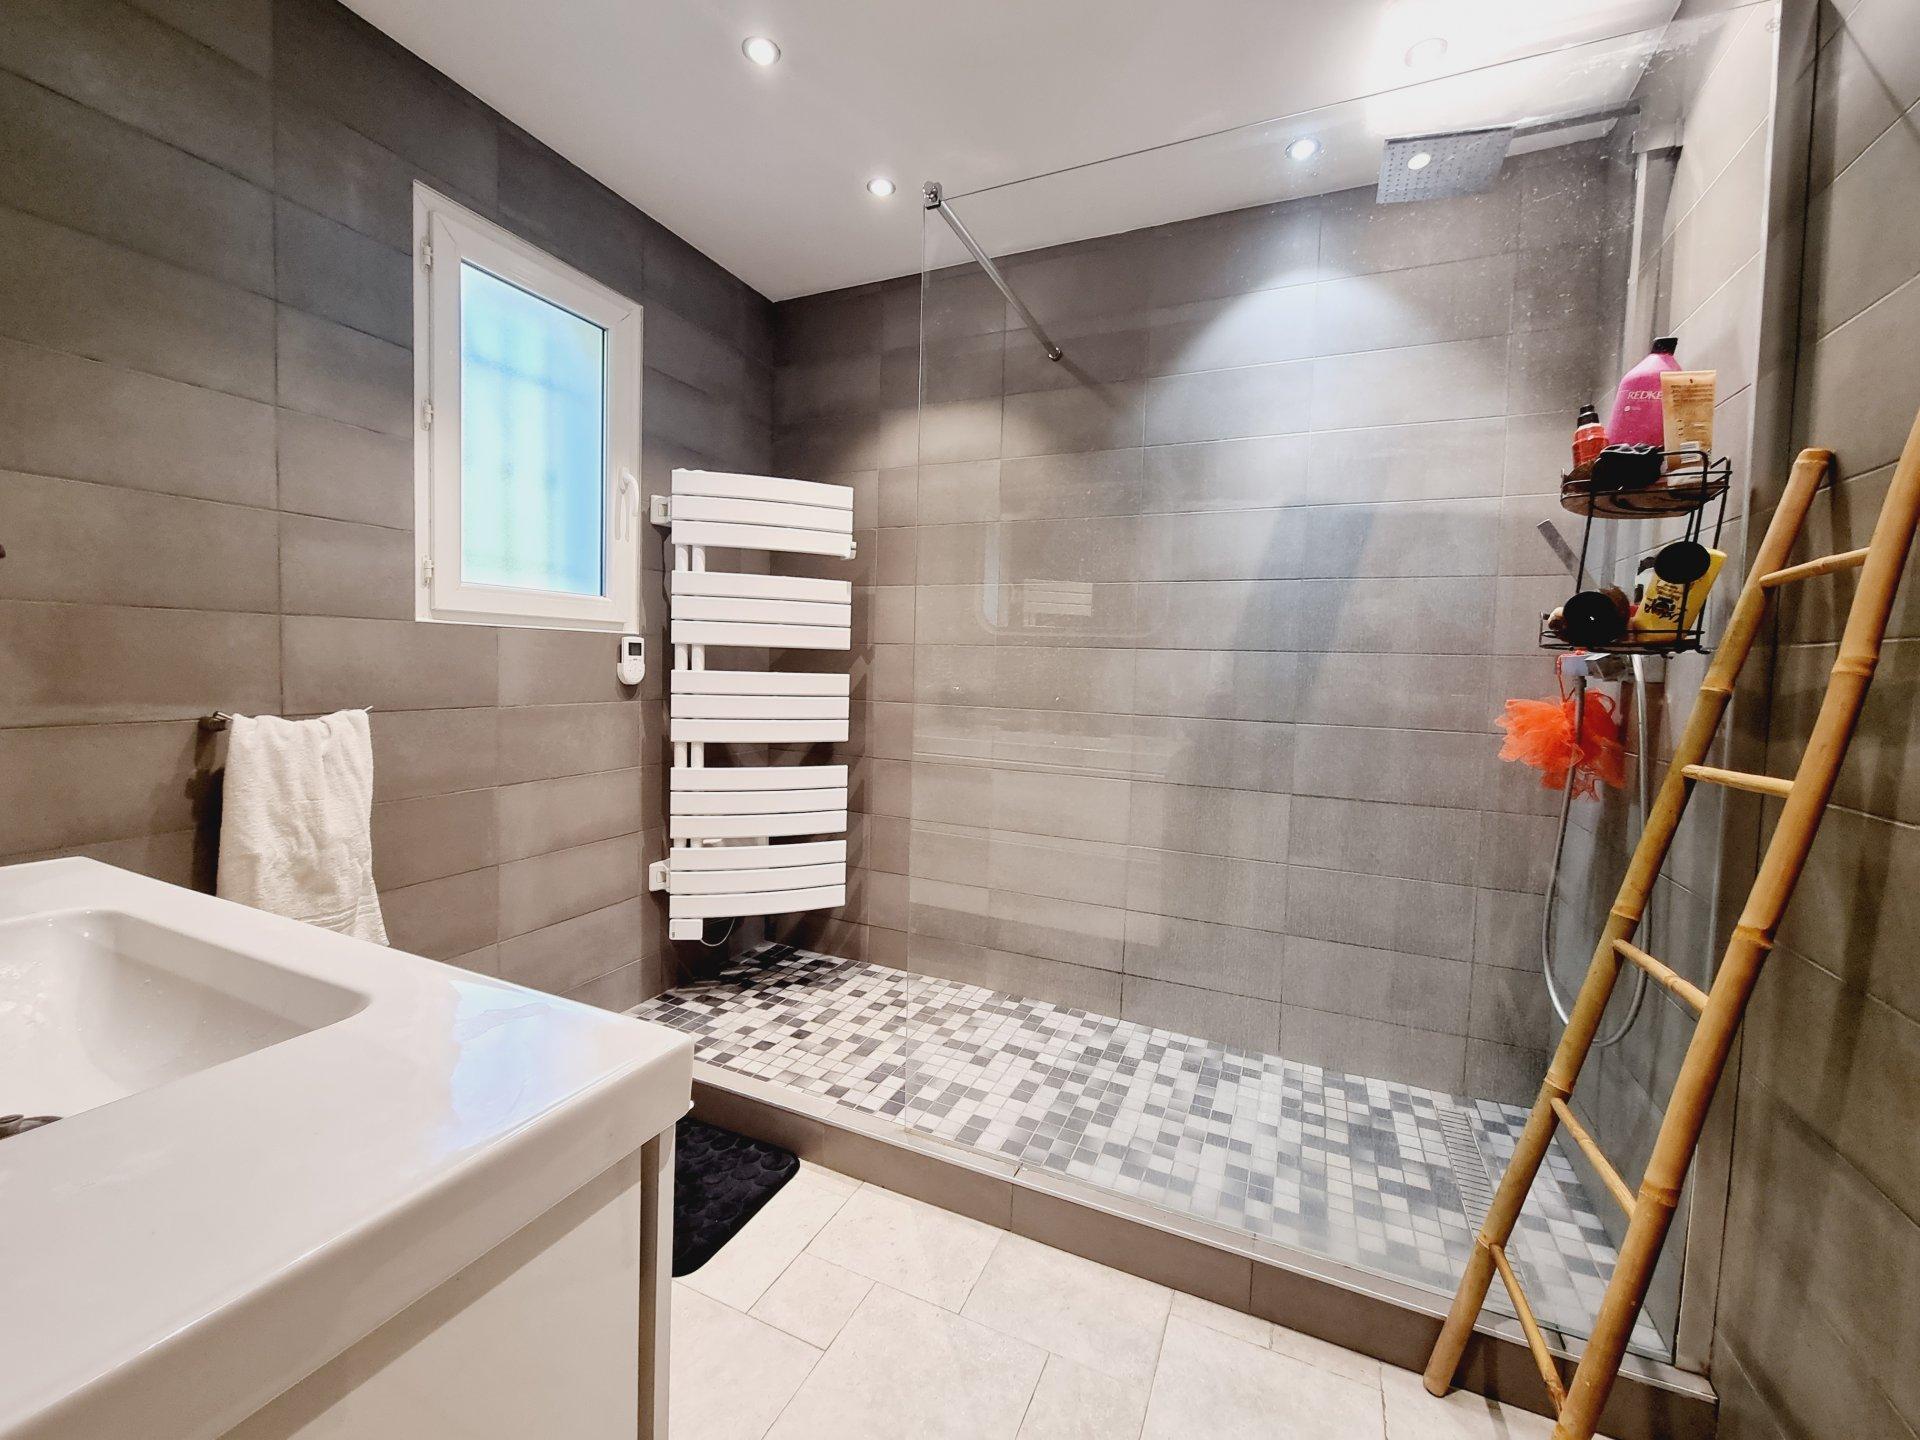 Exclusivité- Vente villa individuelle plain pieds, calme absolu, Grasse Saint Jacques